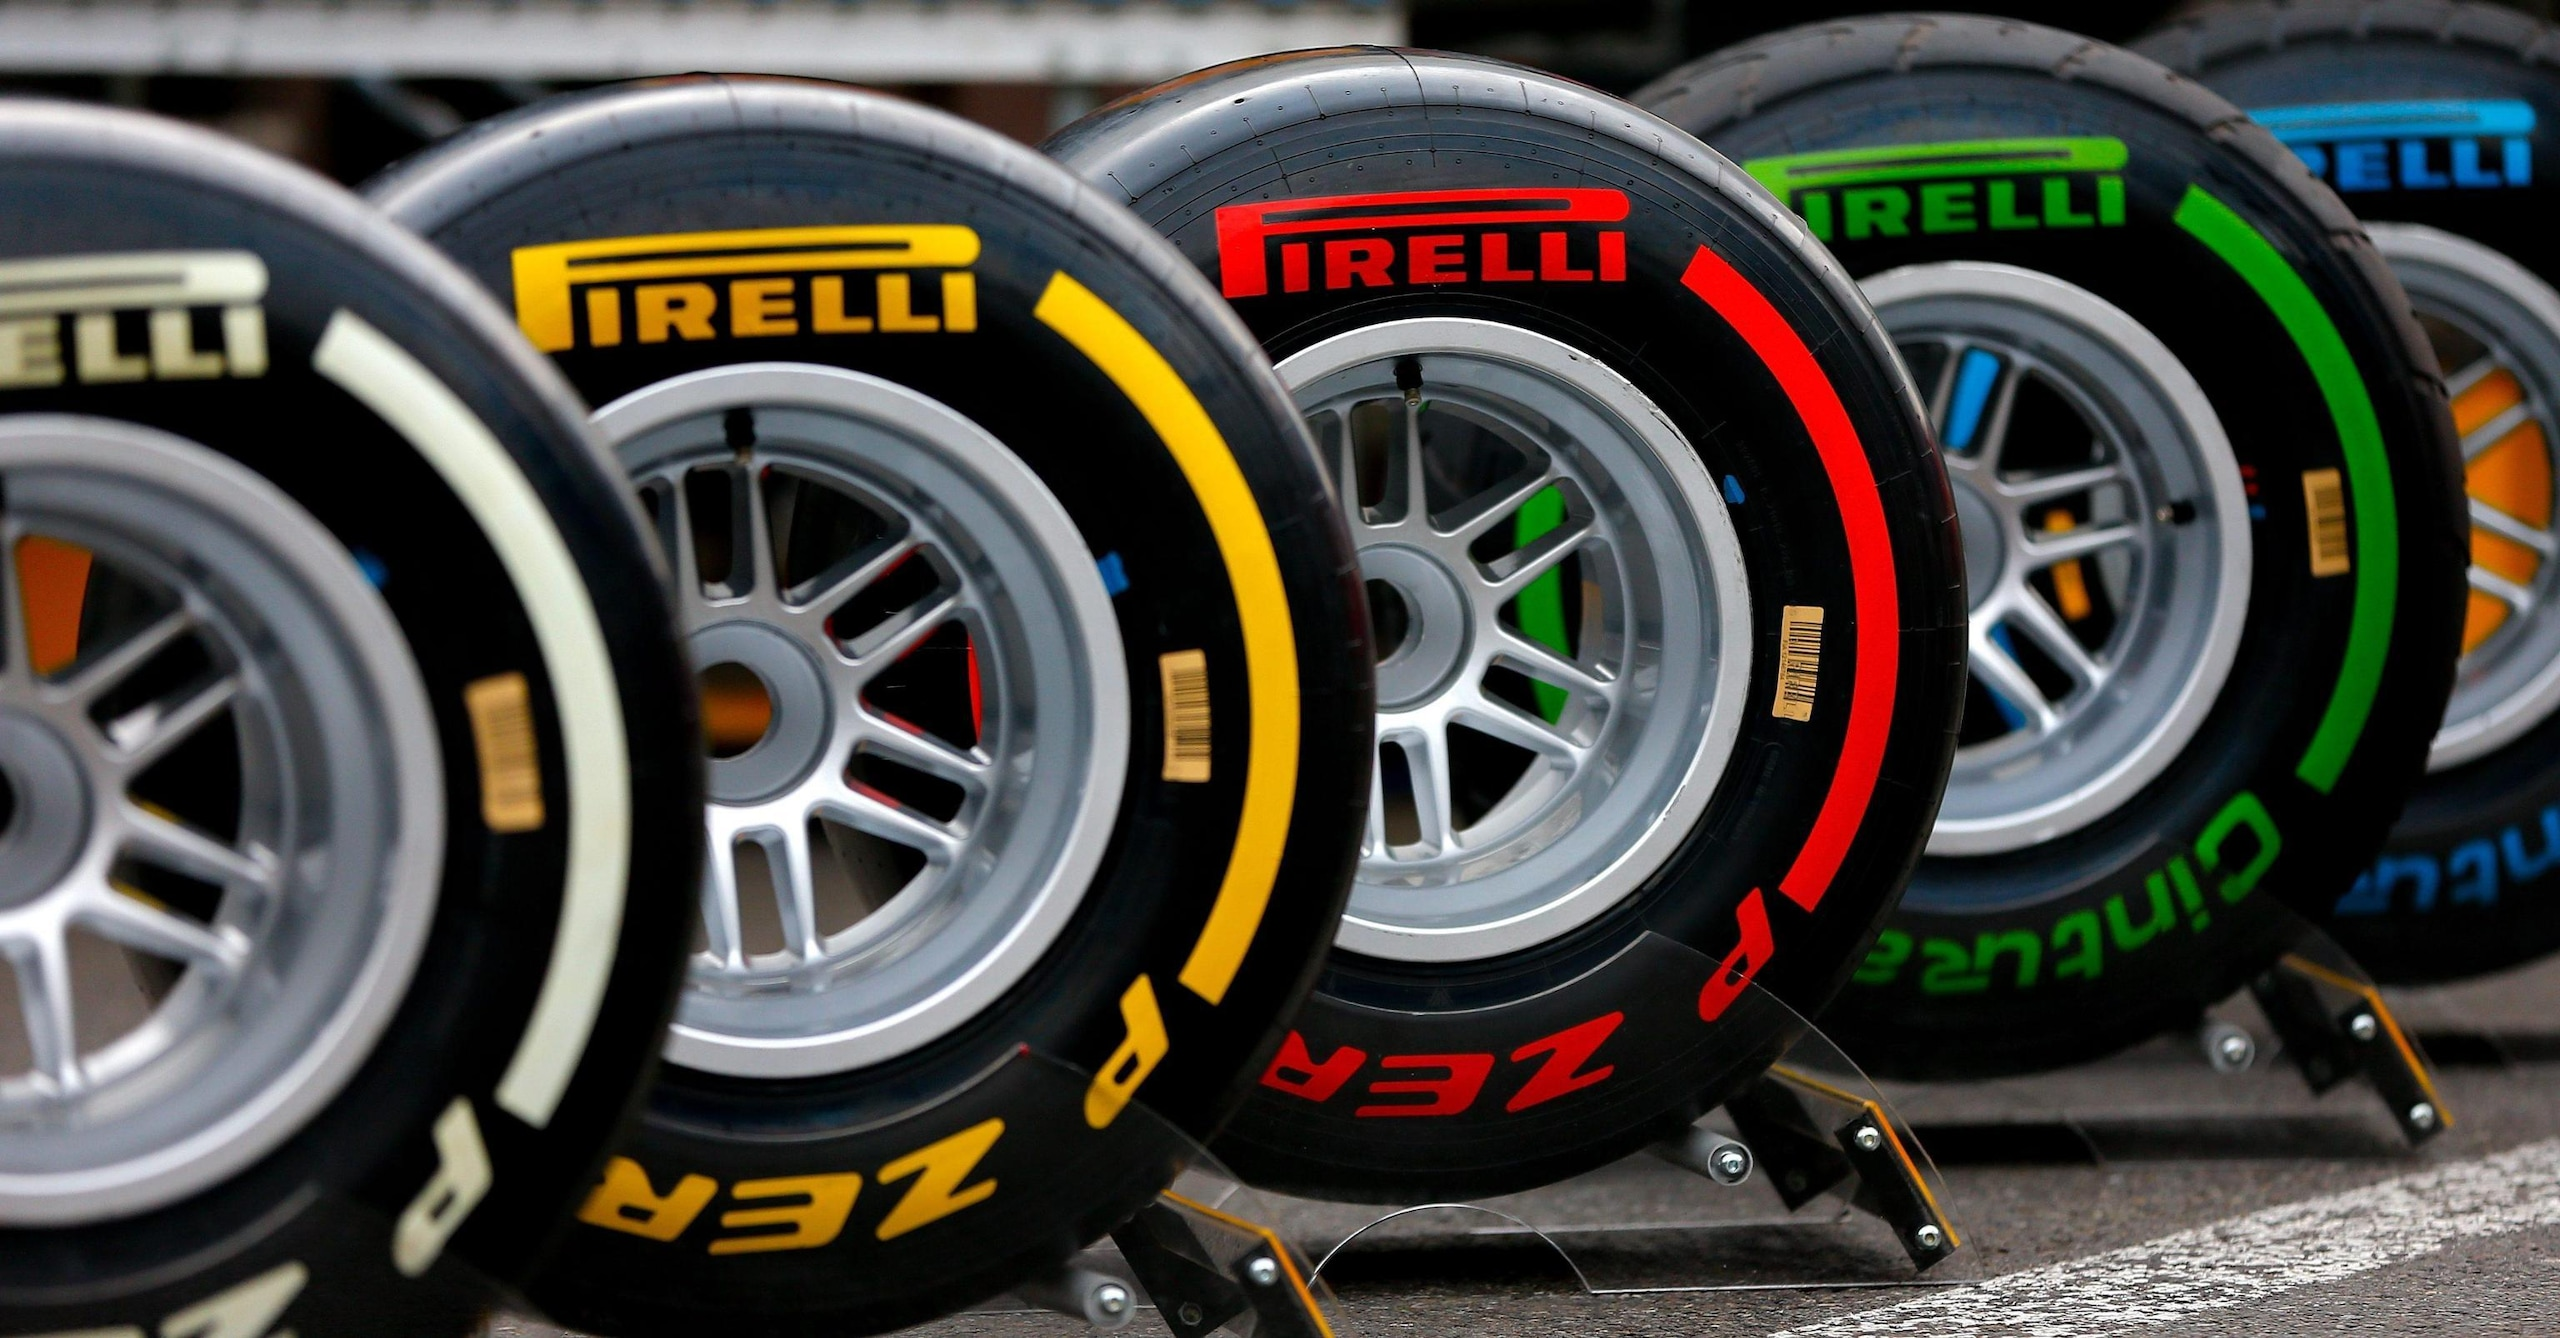 F1, Pirelli comunica scelte piloti per Gp Messico